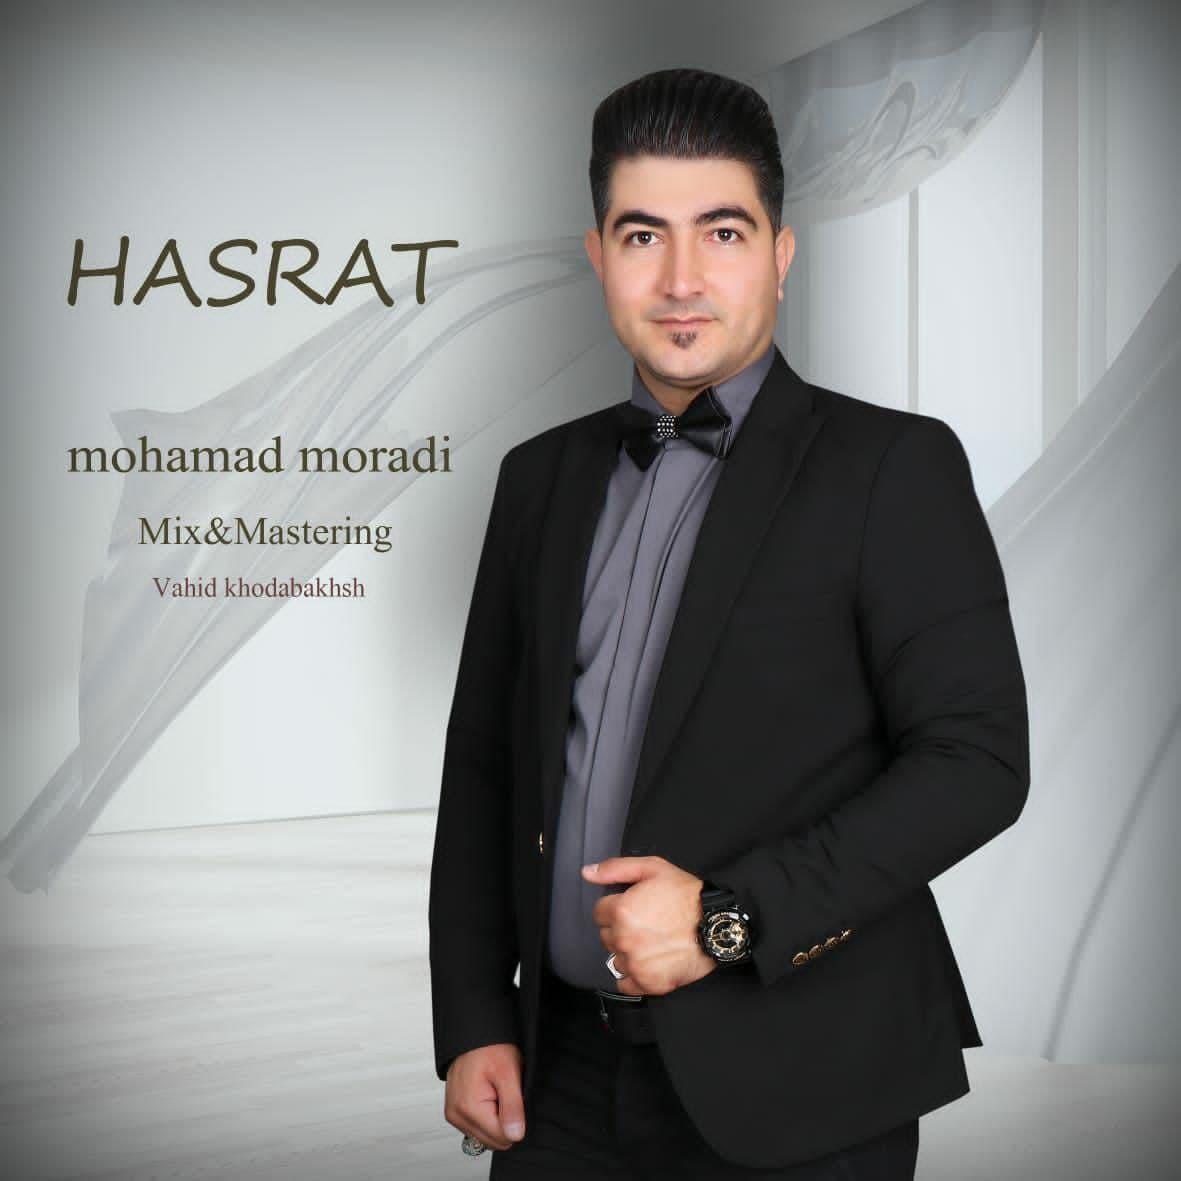 دانلود آلبوم جدید محمد مرادی بنام حسرت